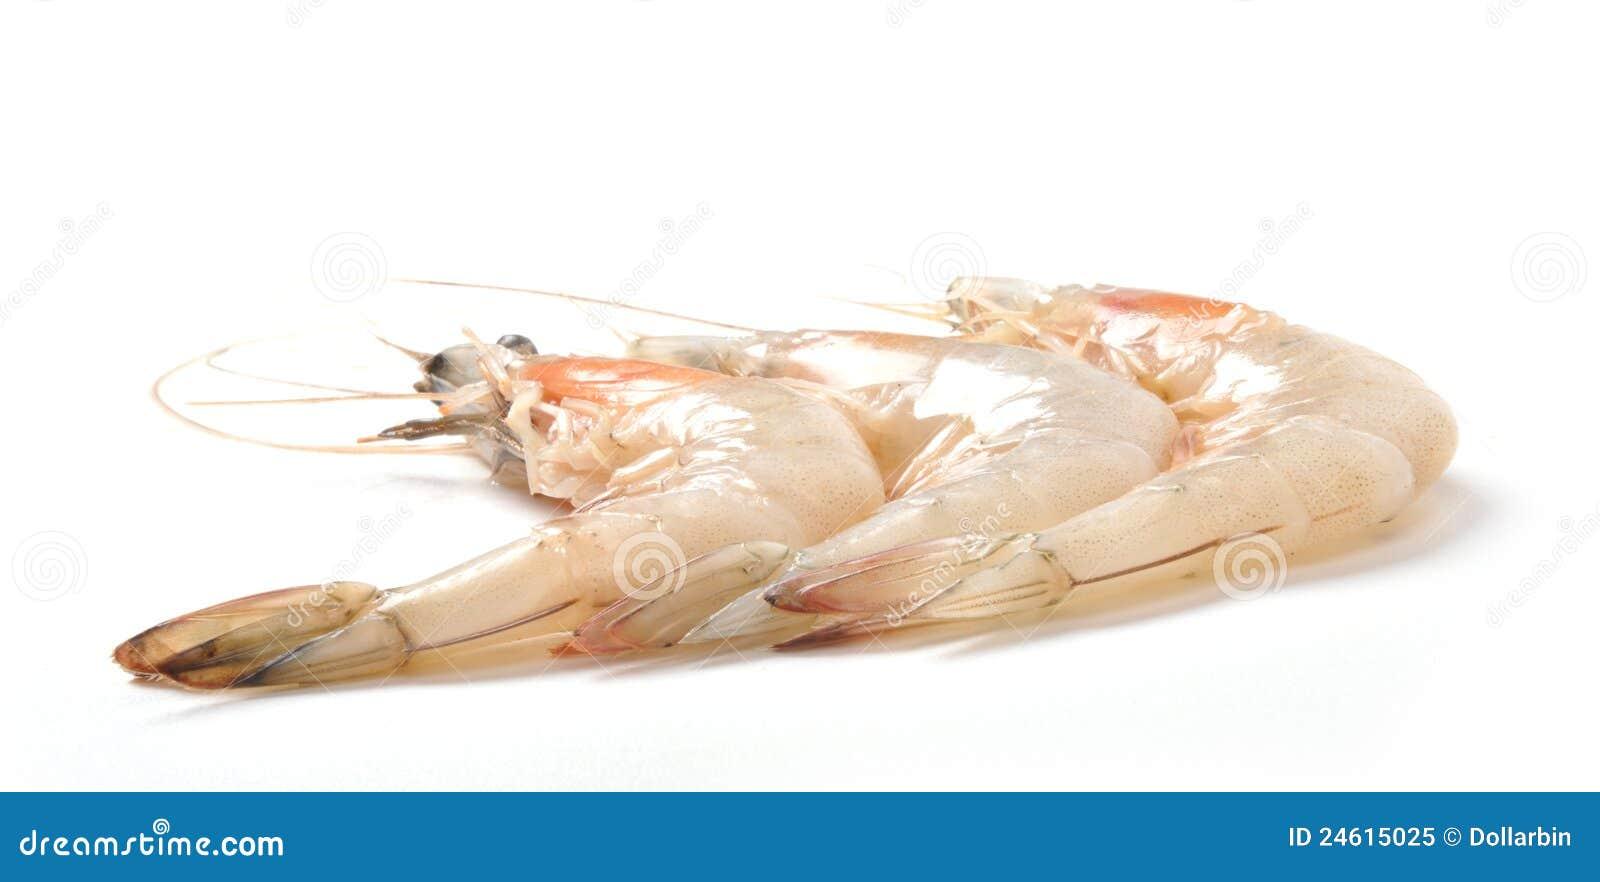 Shrimp Royalty Free Stock Photo - Image: 24615025